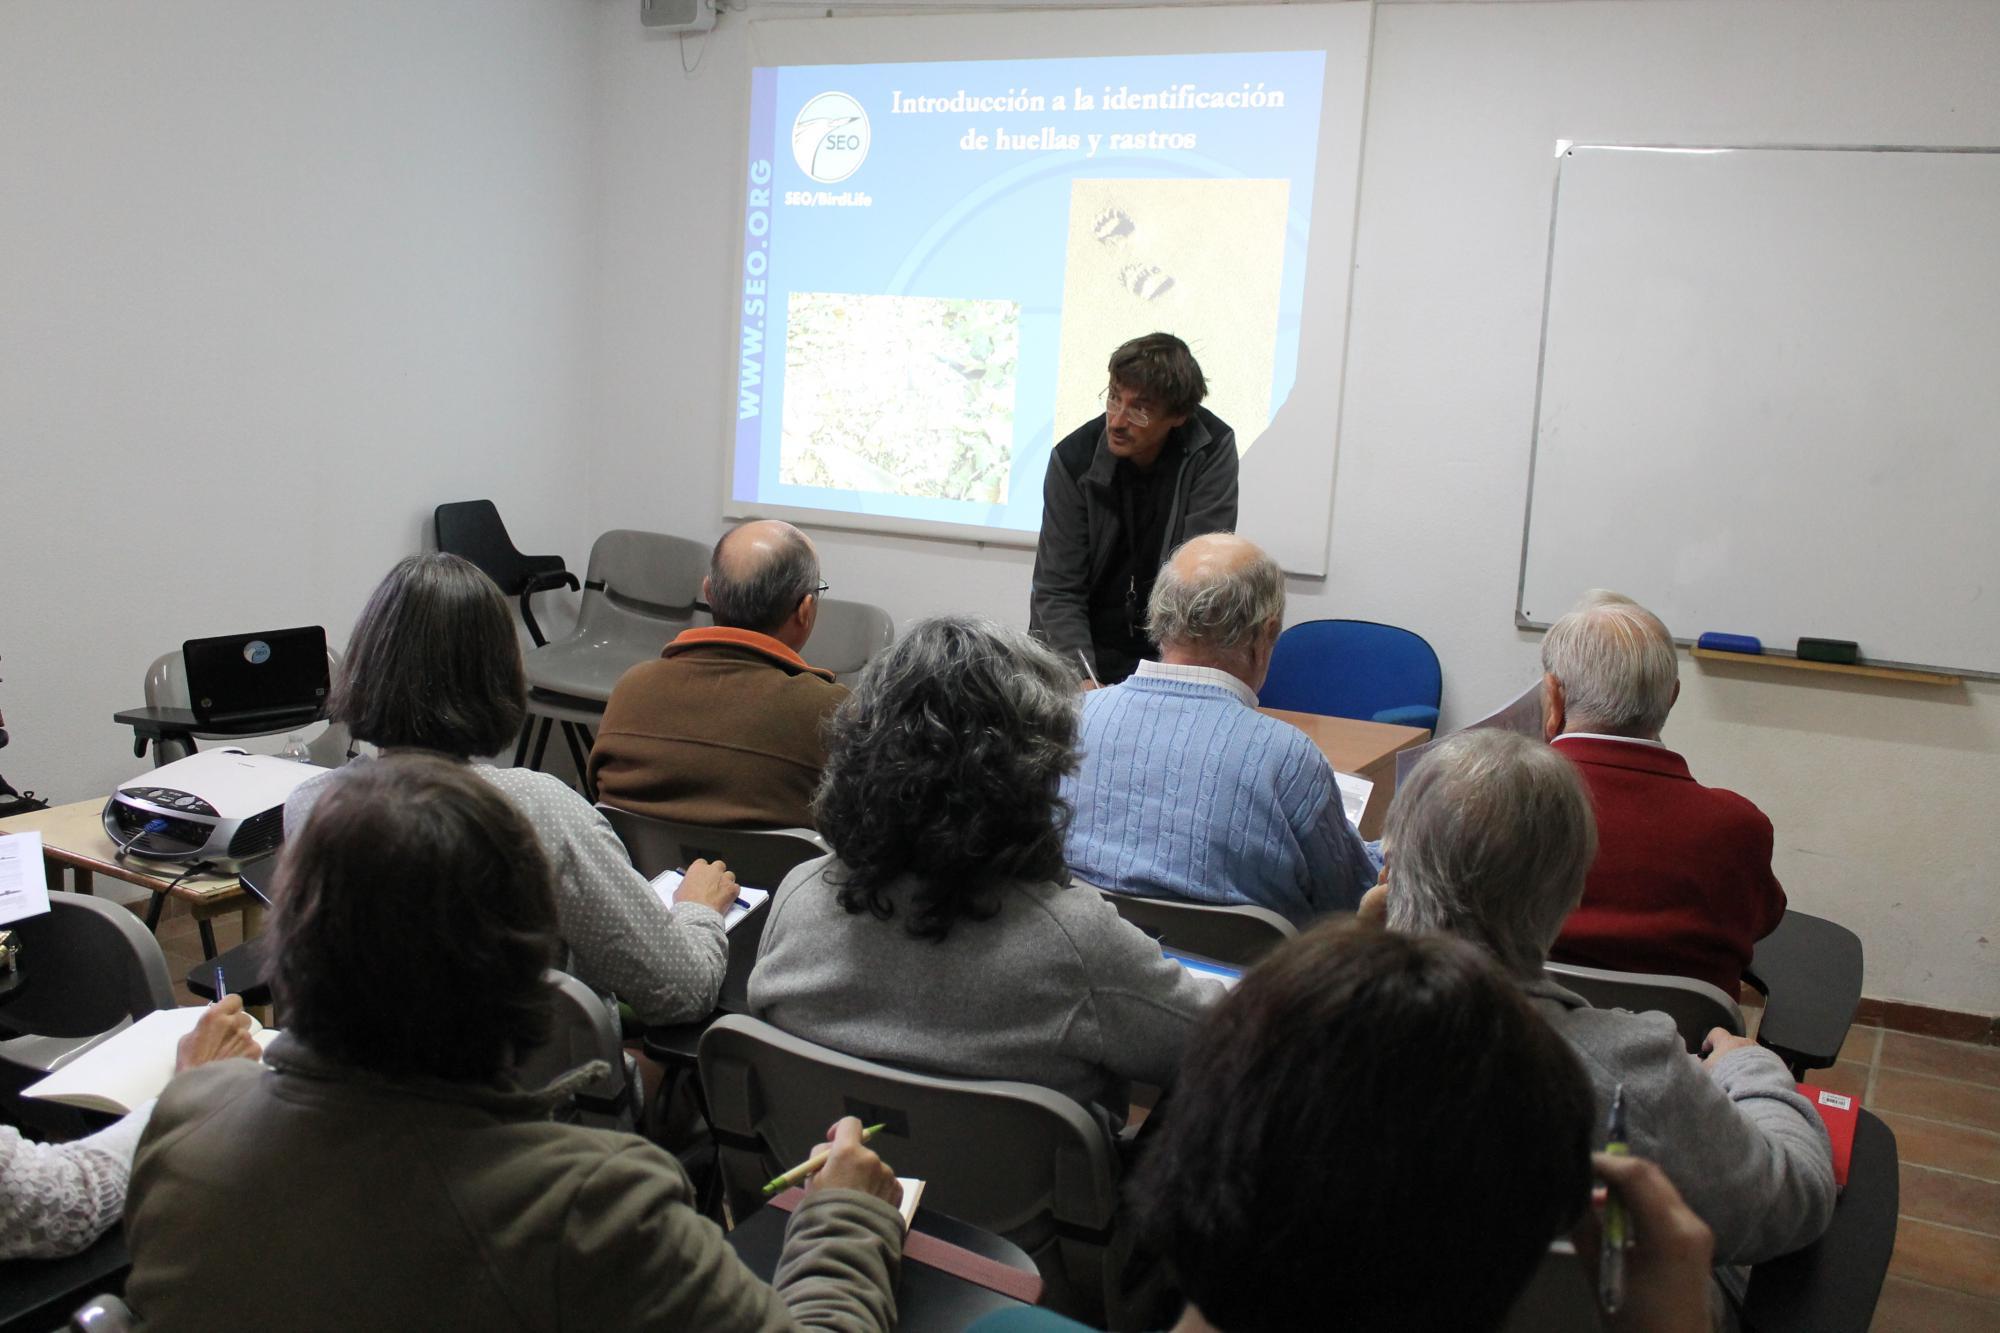 El Geoparque molinés acoge un curso de identificación de fauna y aves de la SEO BirdLife